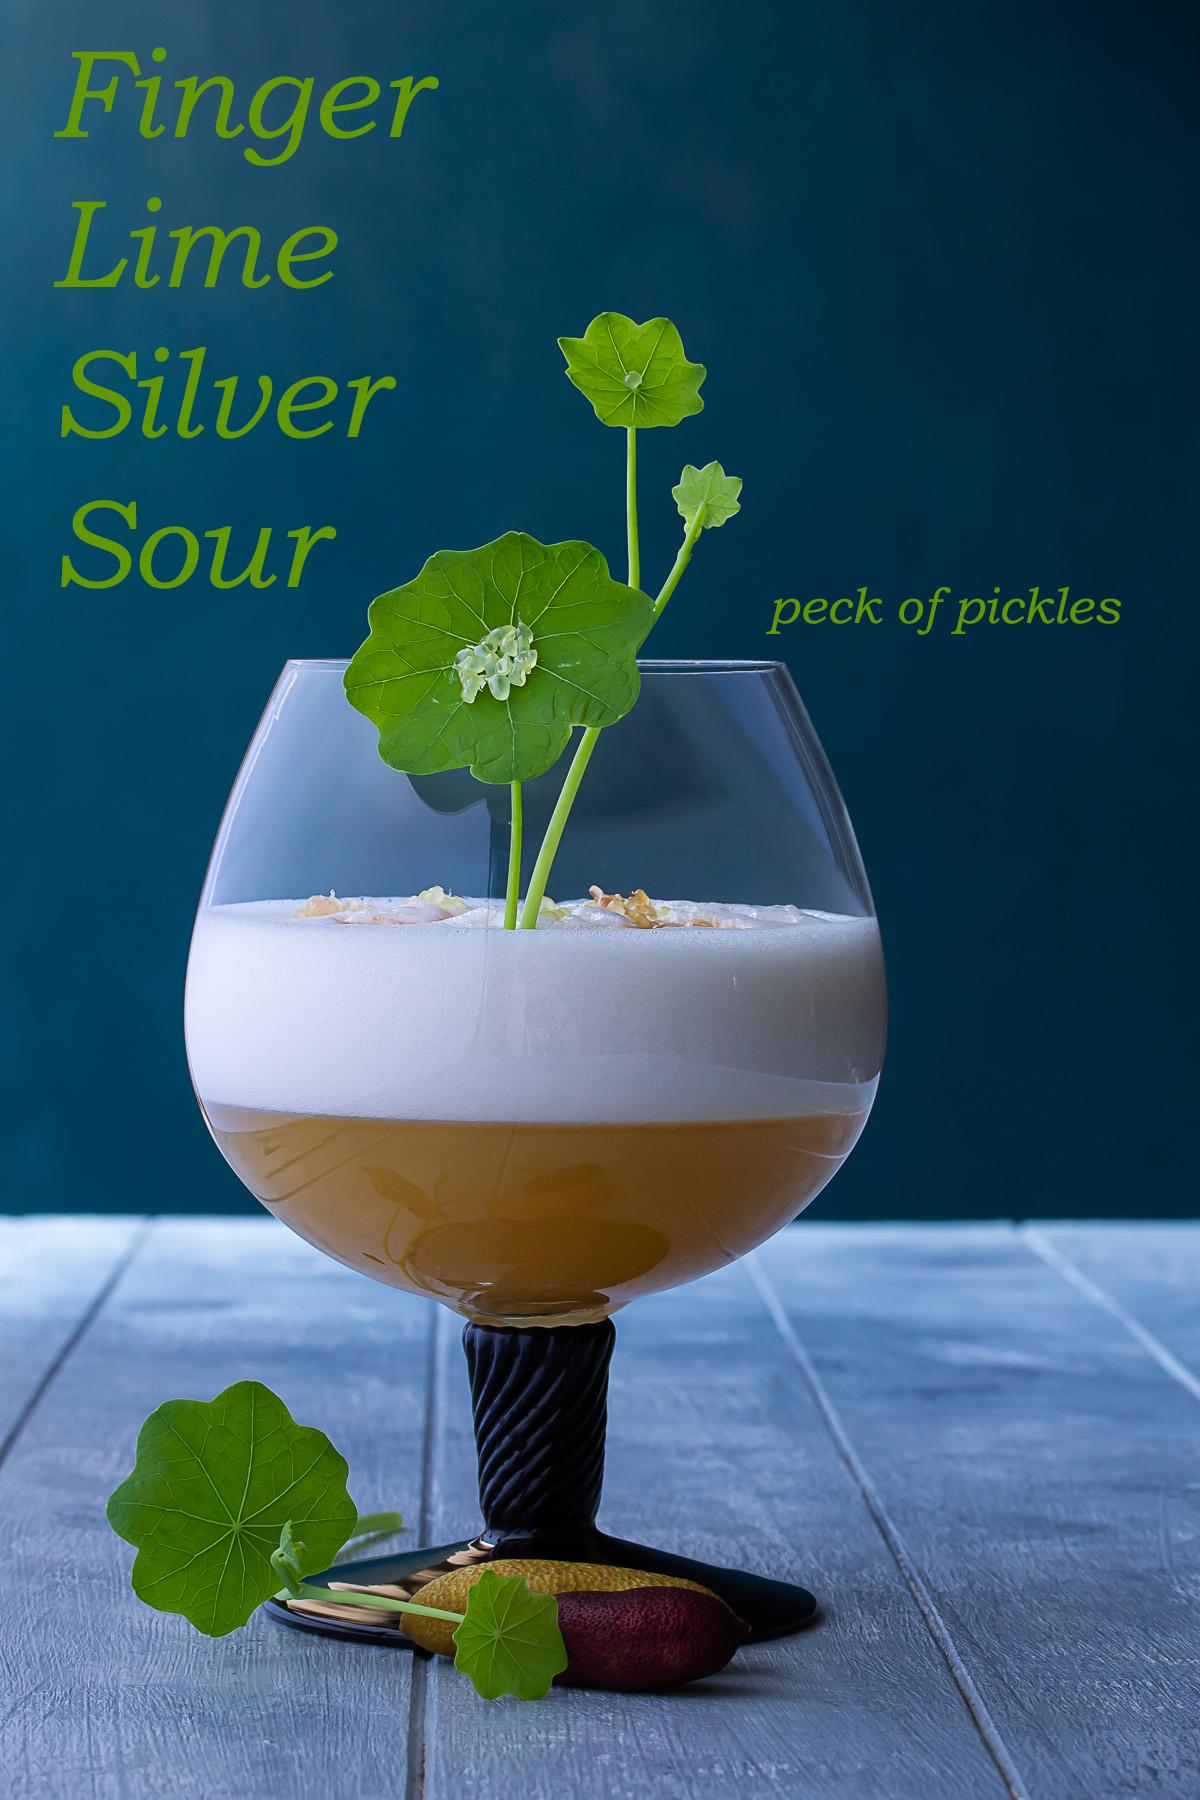 finger lime silver sour cocktail with finger lime caviar and nasturtium leaf garnish